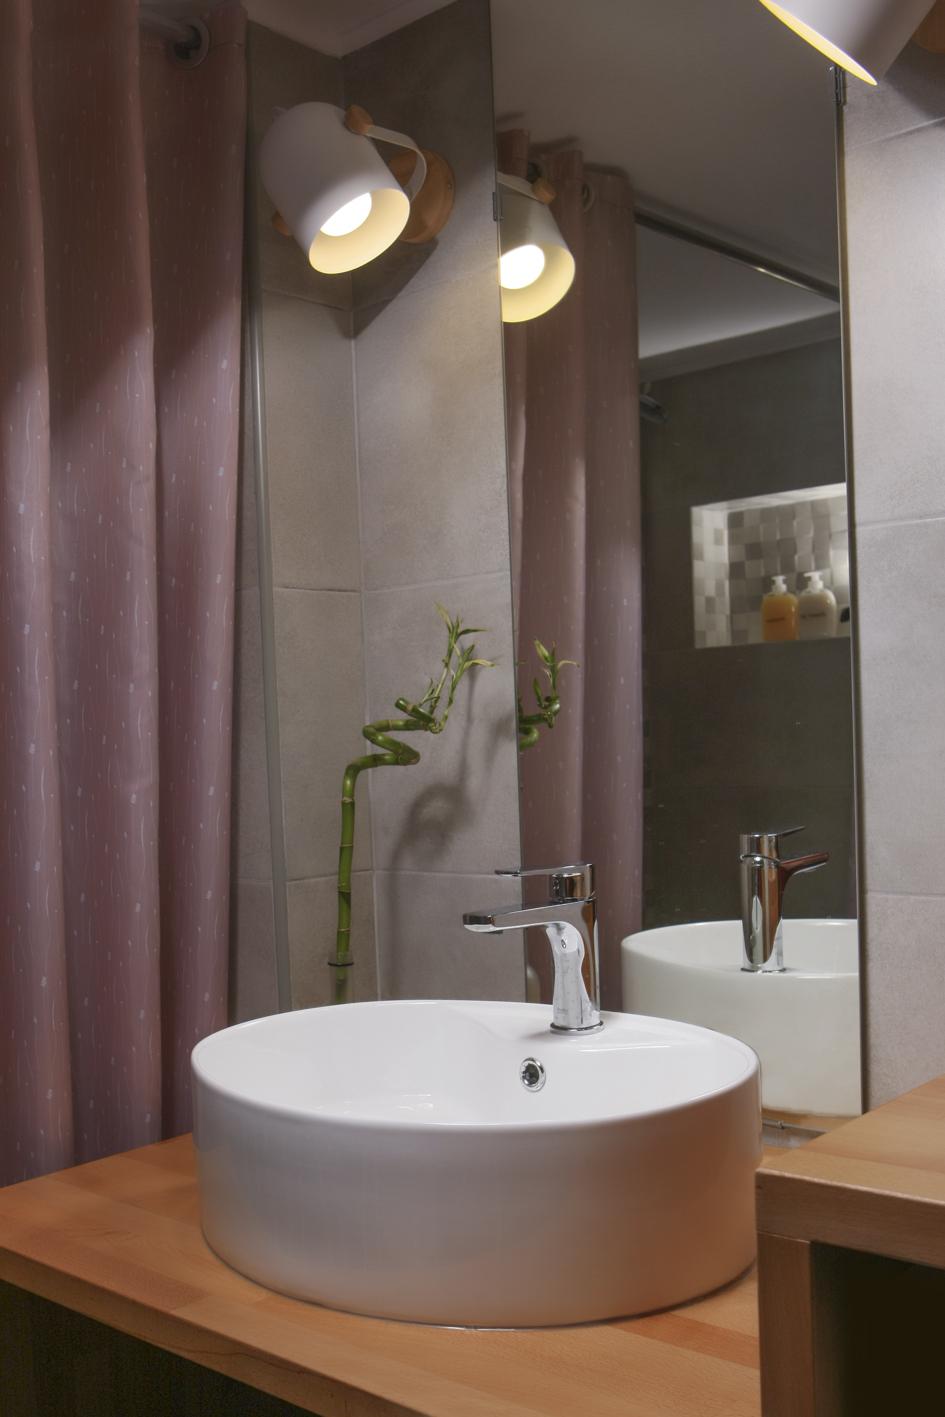 013 μπανιο – bathroom